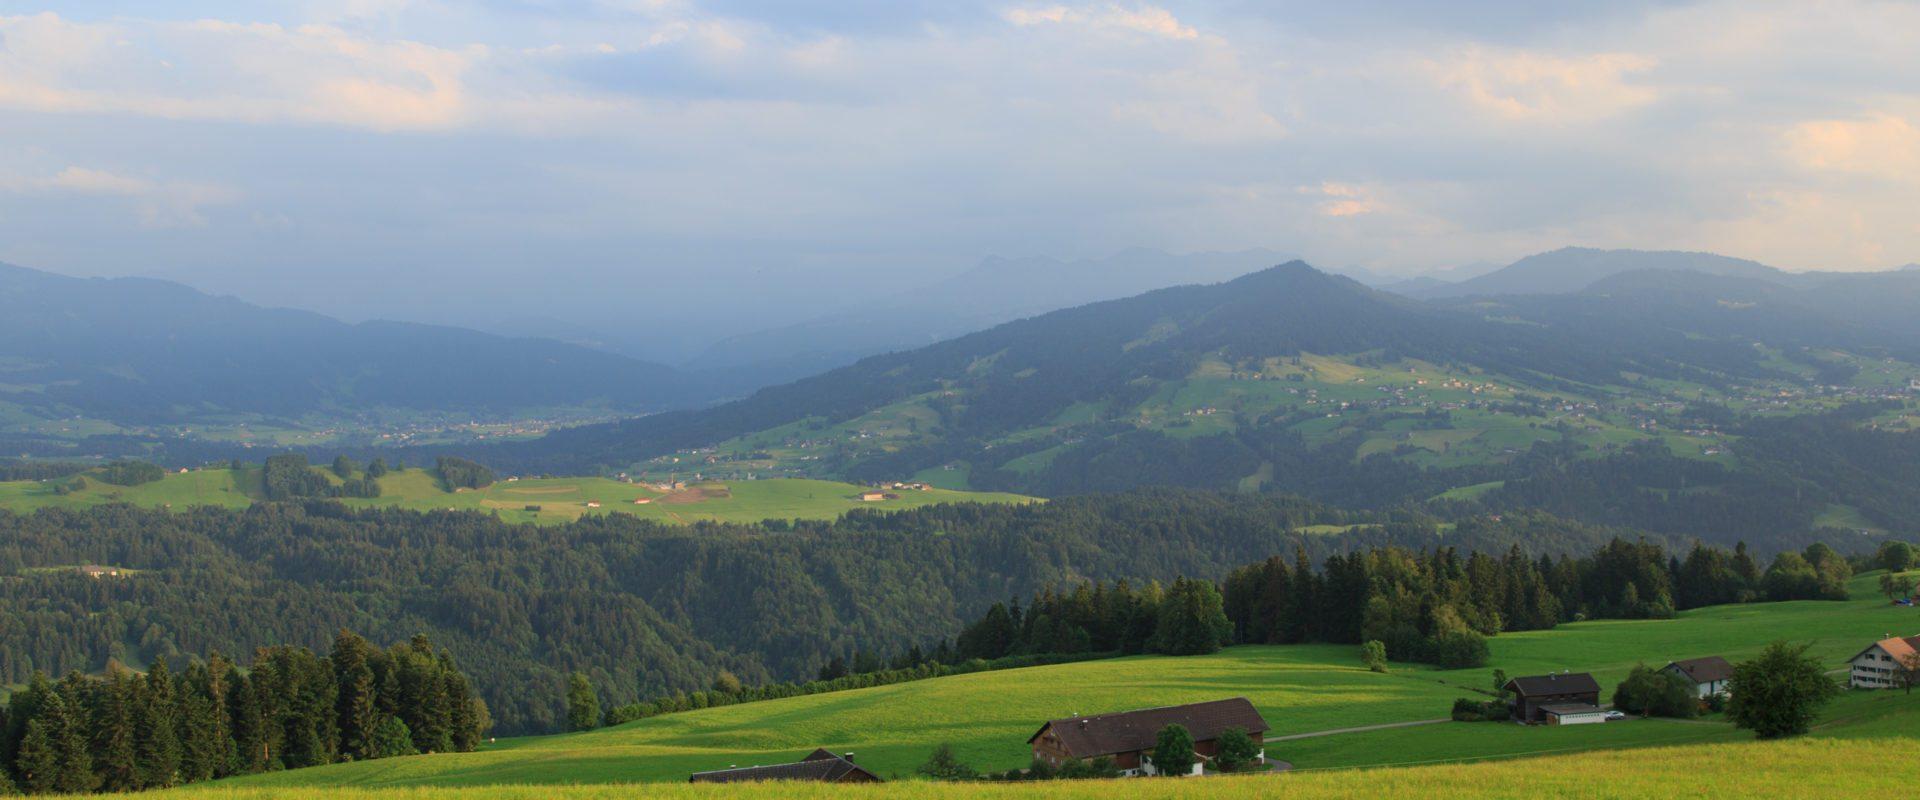 Tafeln im Bregenzerwald - Doren © Hubert Cernenschek_Bregenzerwald Tourismus (488)